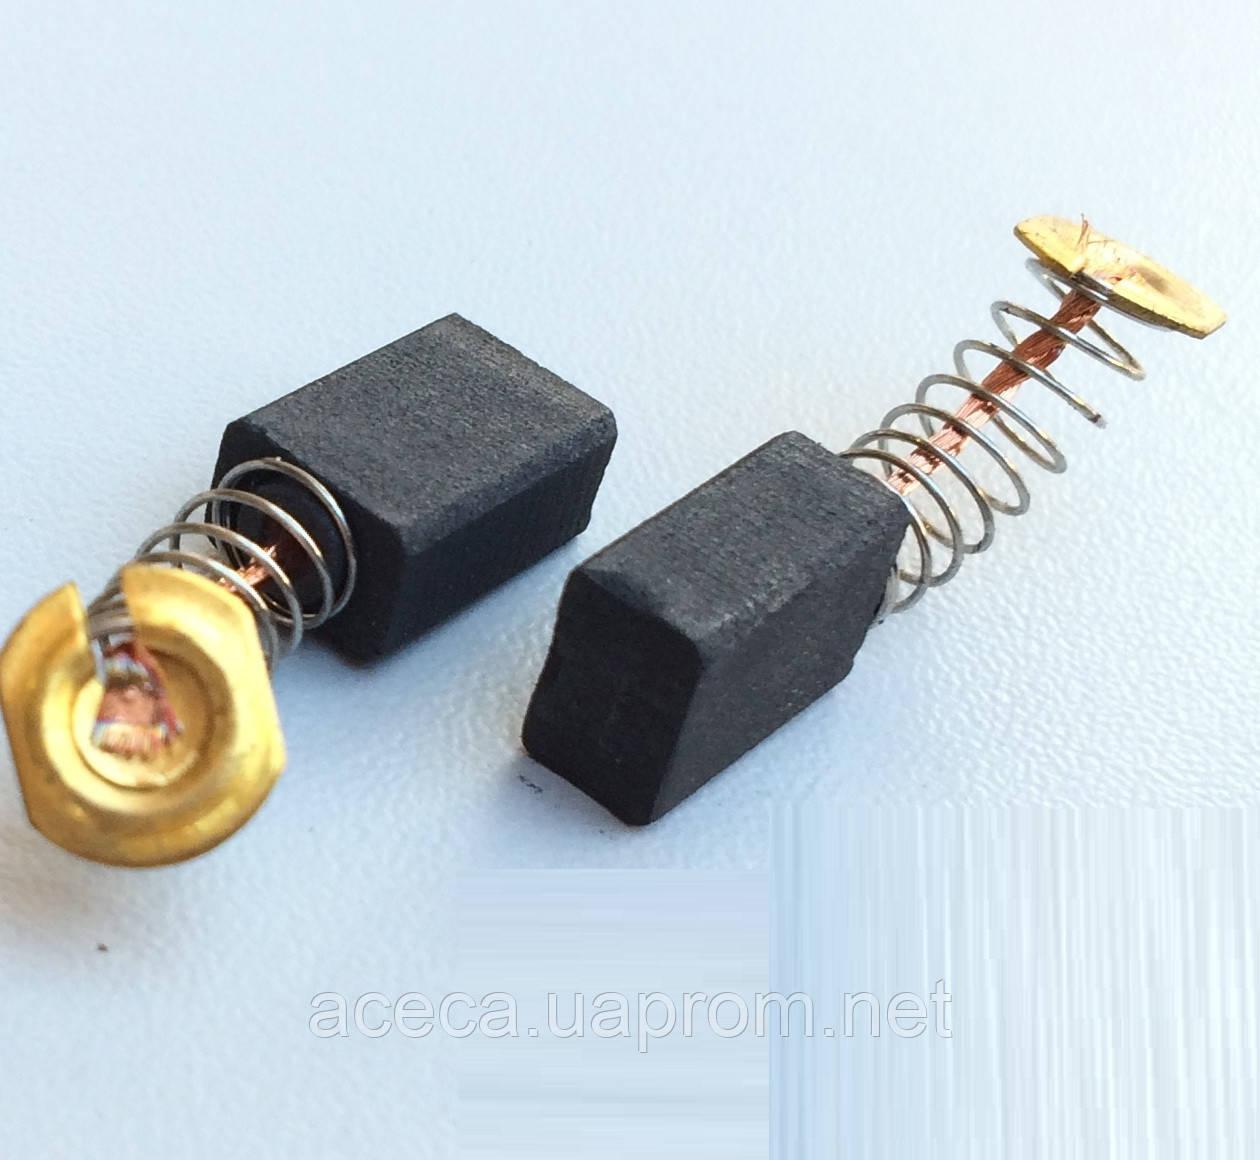 Щетка графитовая к электроинструменту (6*9*13)